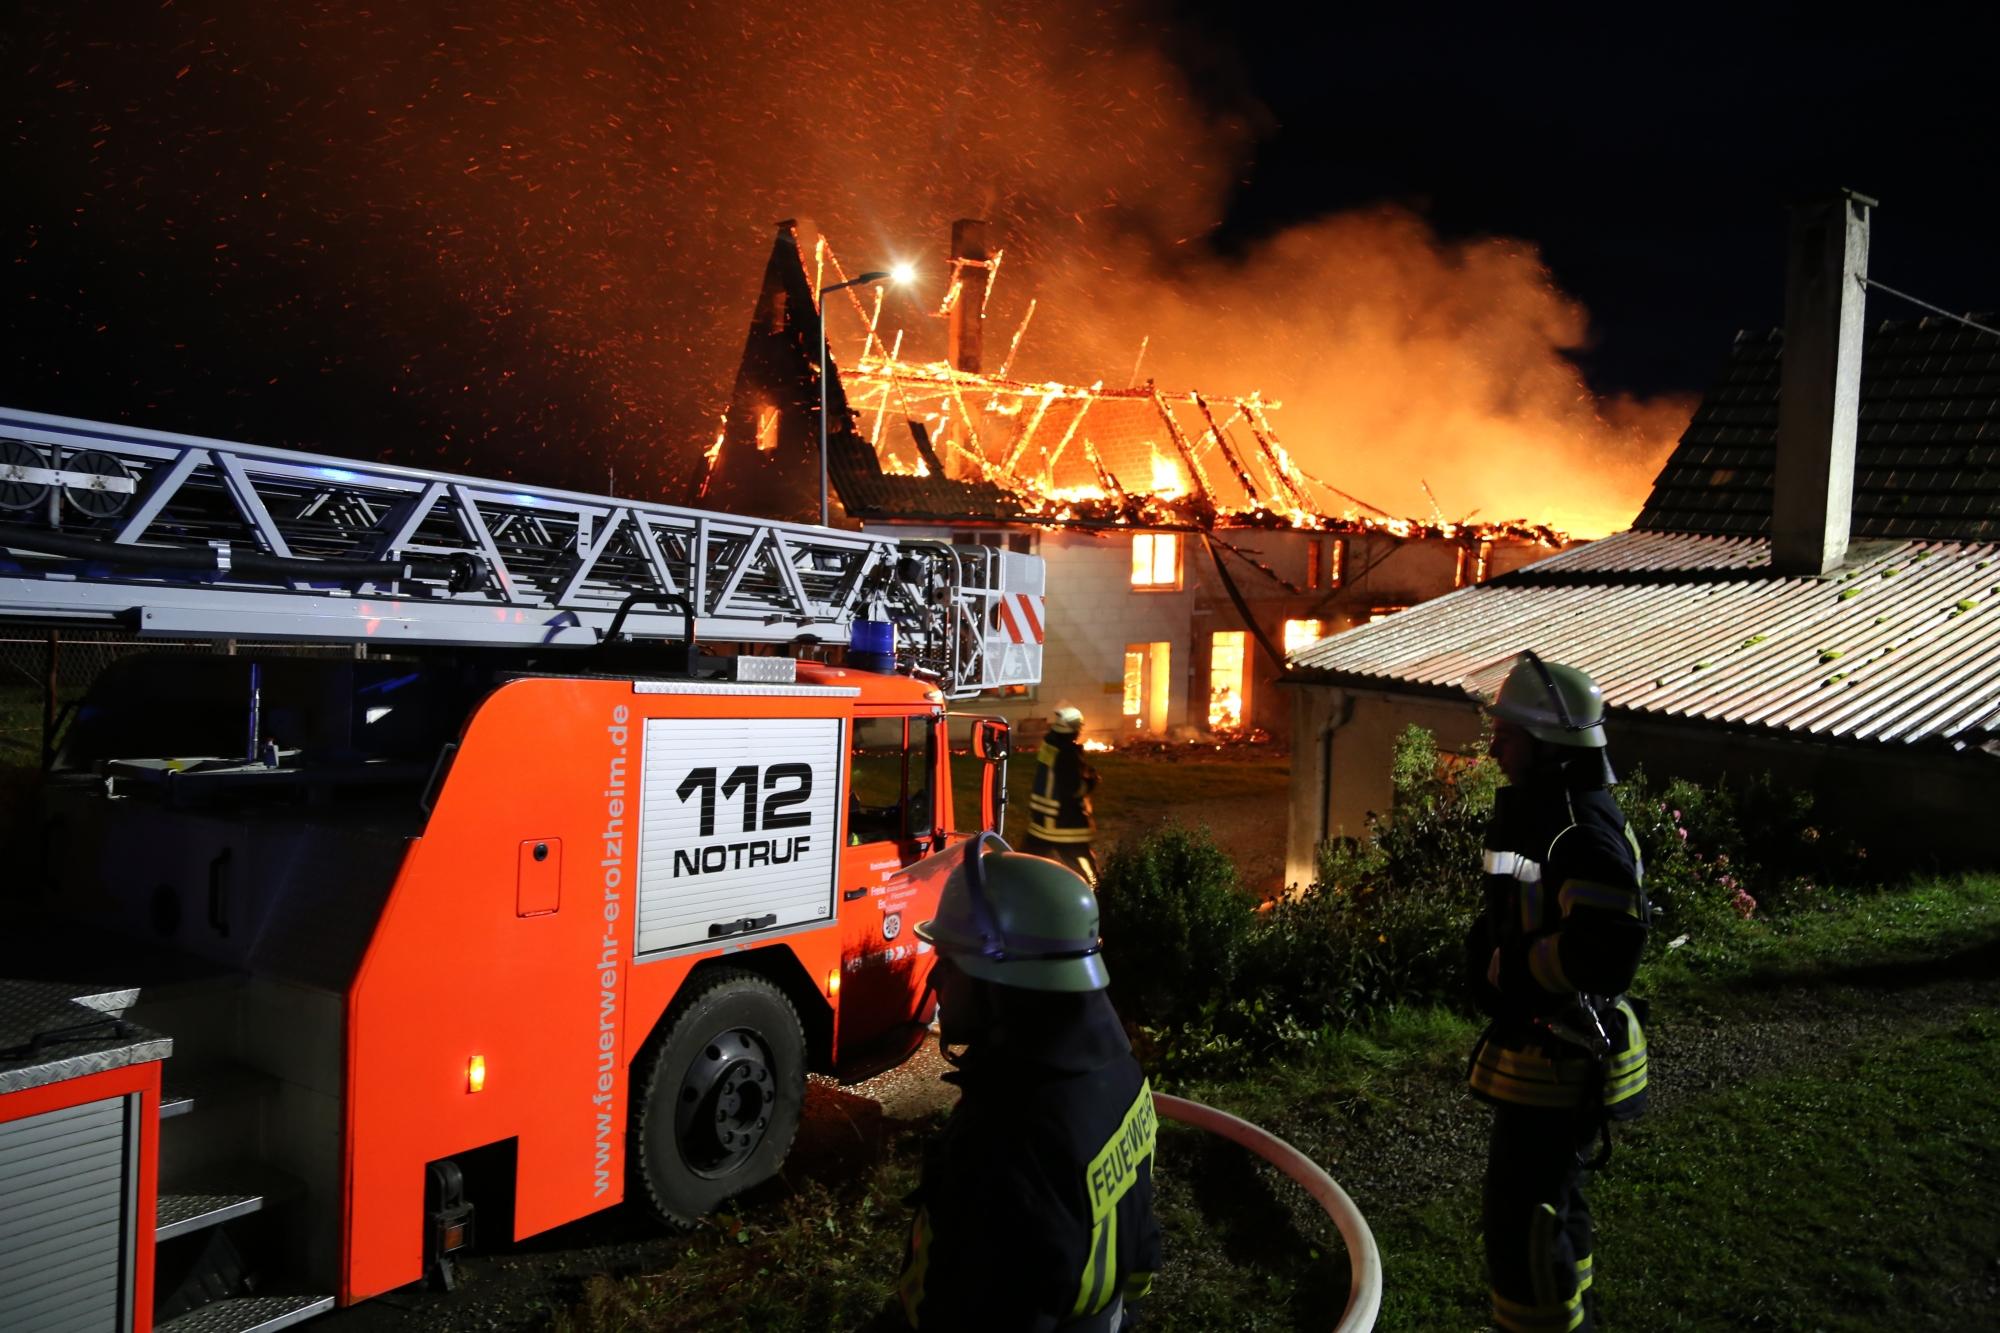 2019-10-05_Biberach_Gutenzell-Huerbel-Simmisweiler_Brand_FeuerwehrIMG_7950